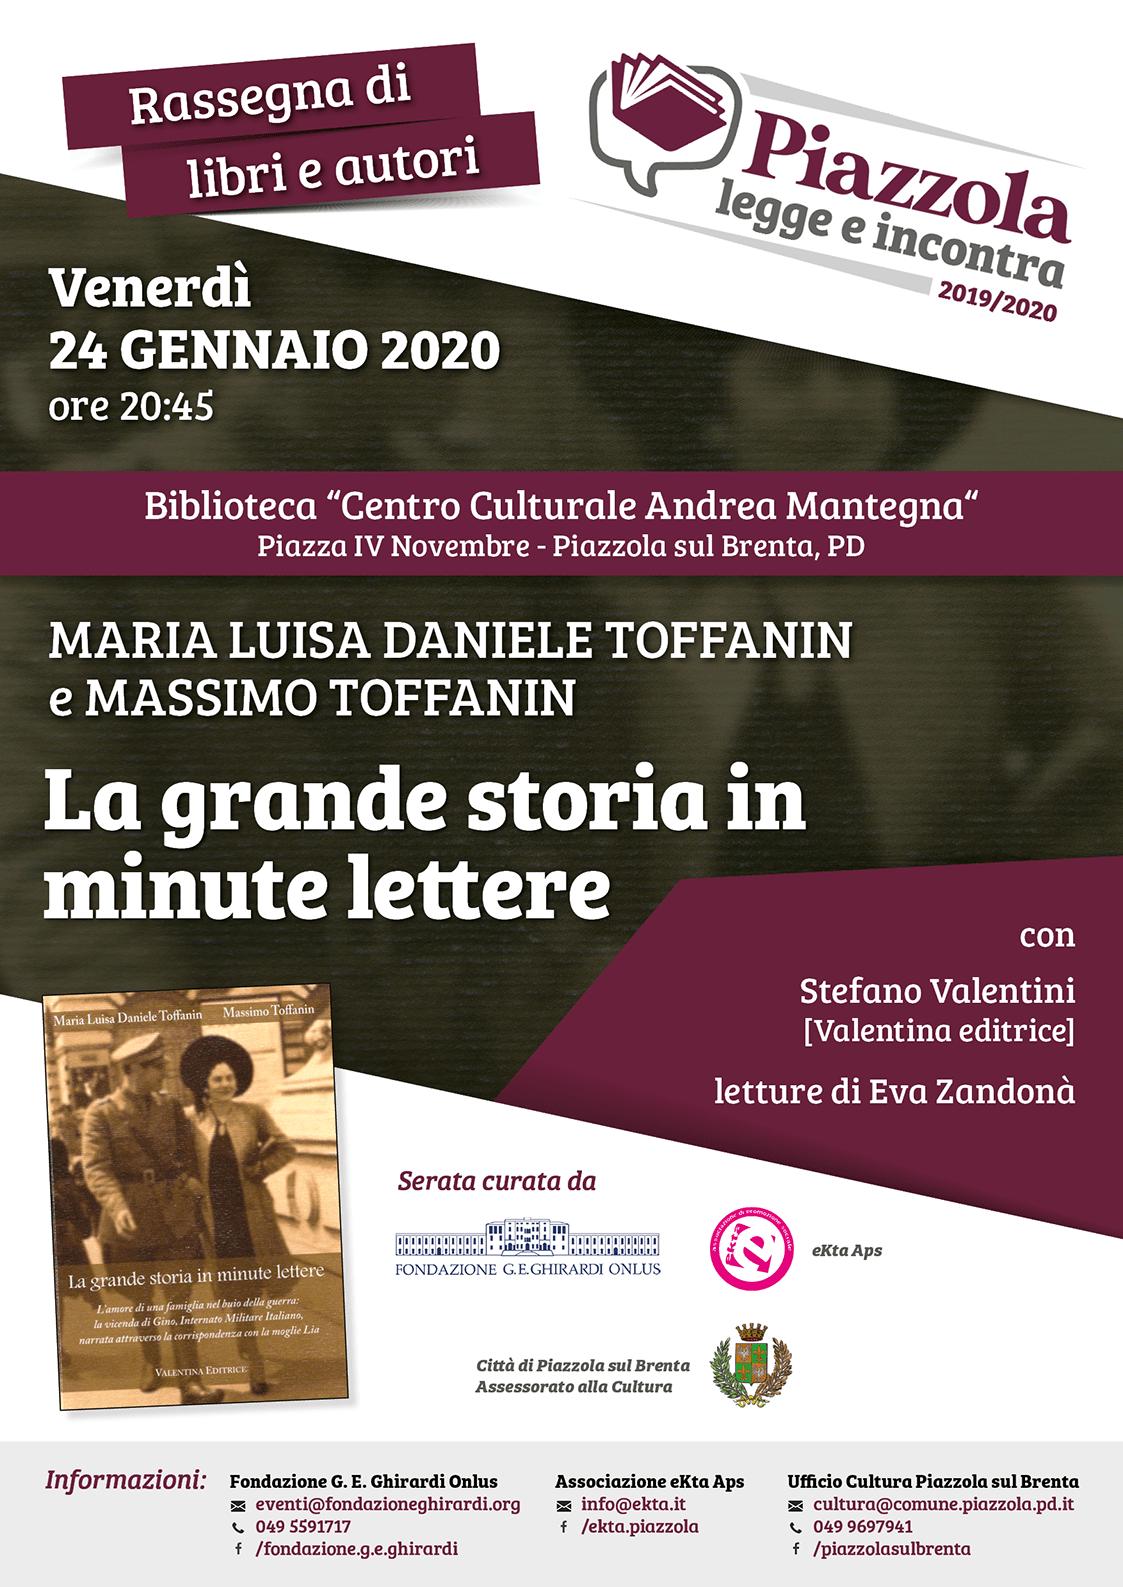 piazzola-legge-e-incontra-toffanin-la-grande-storia-24-gen-2020